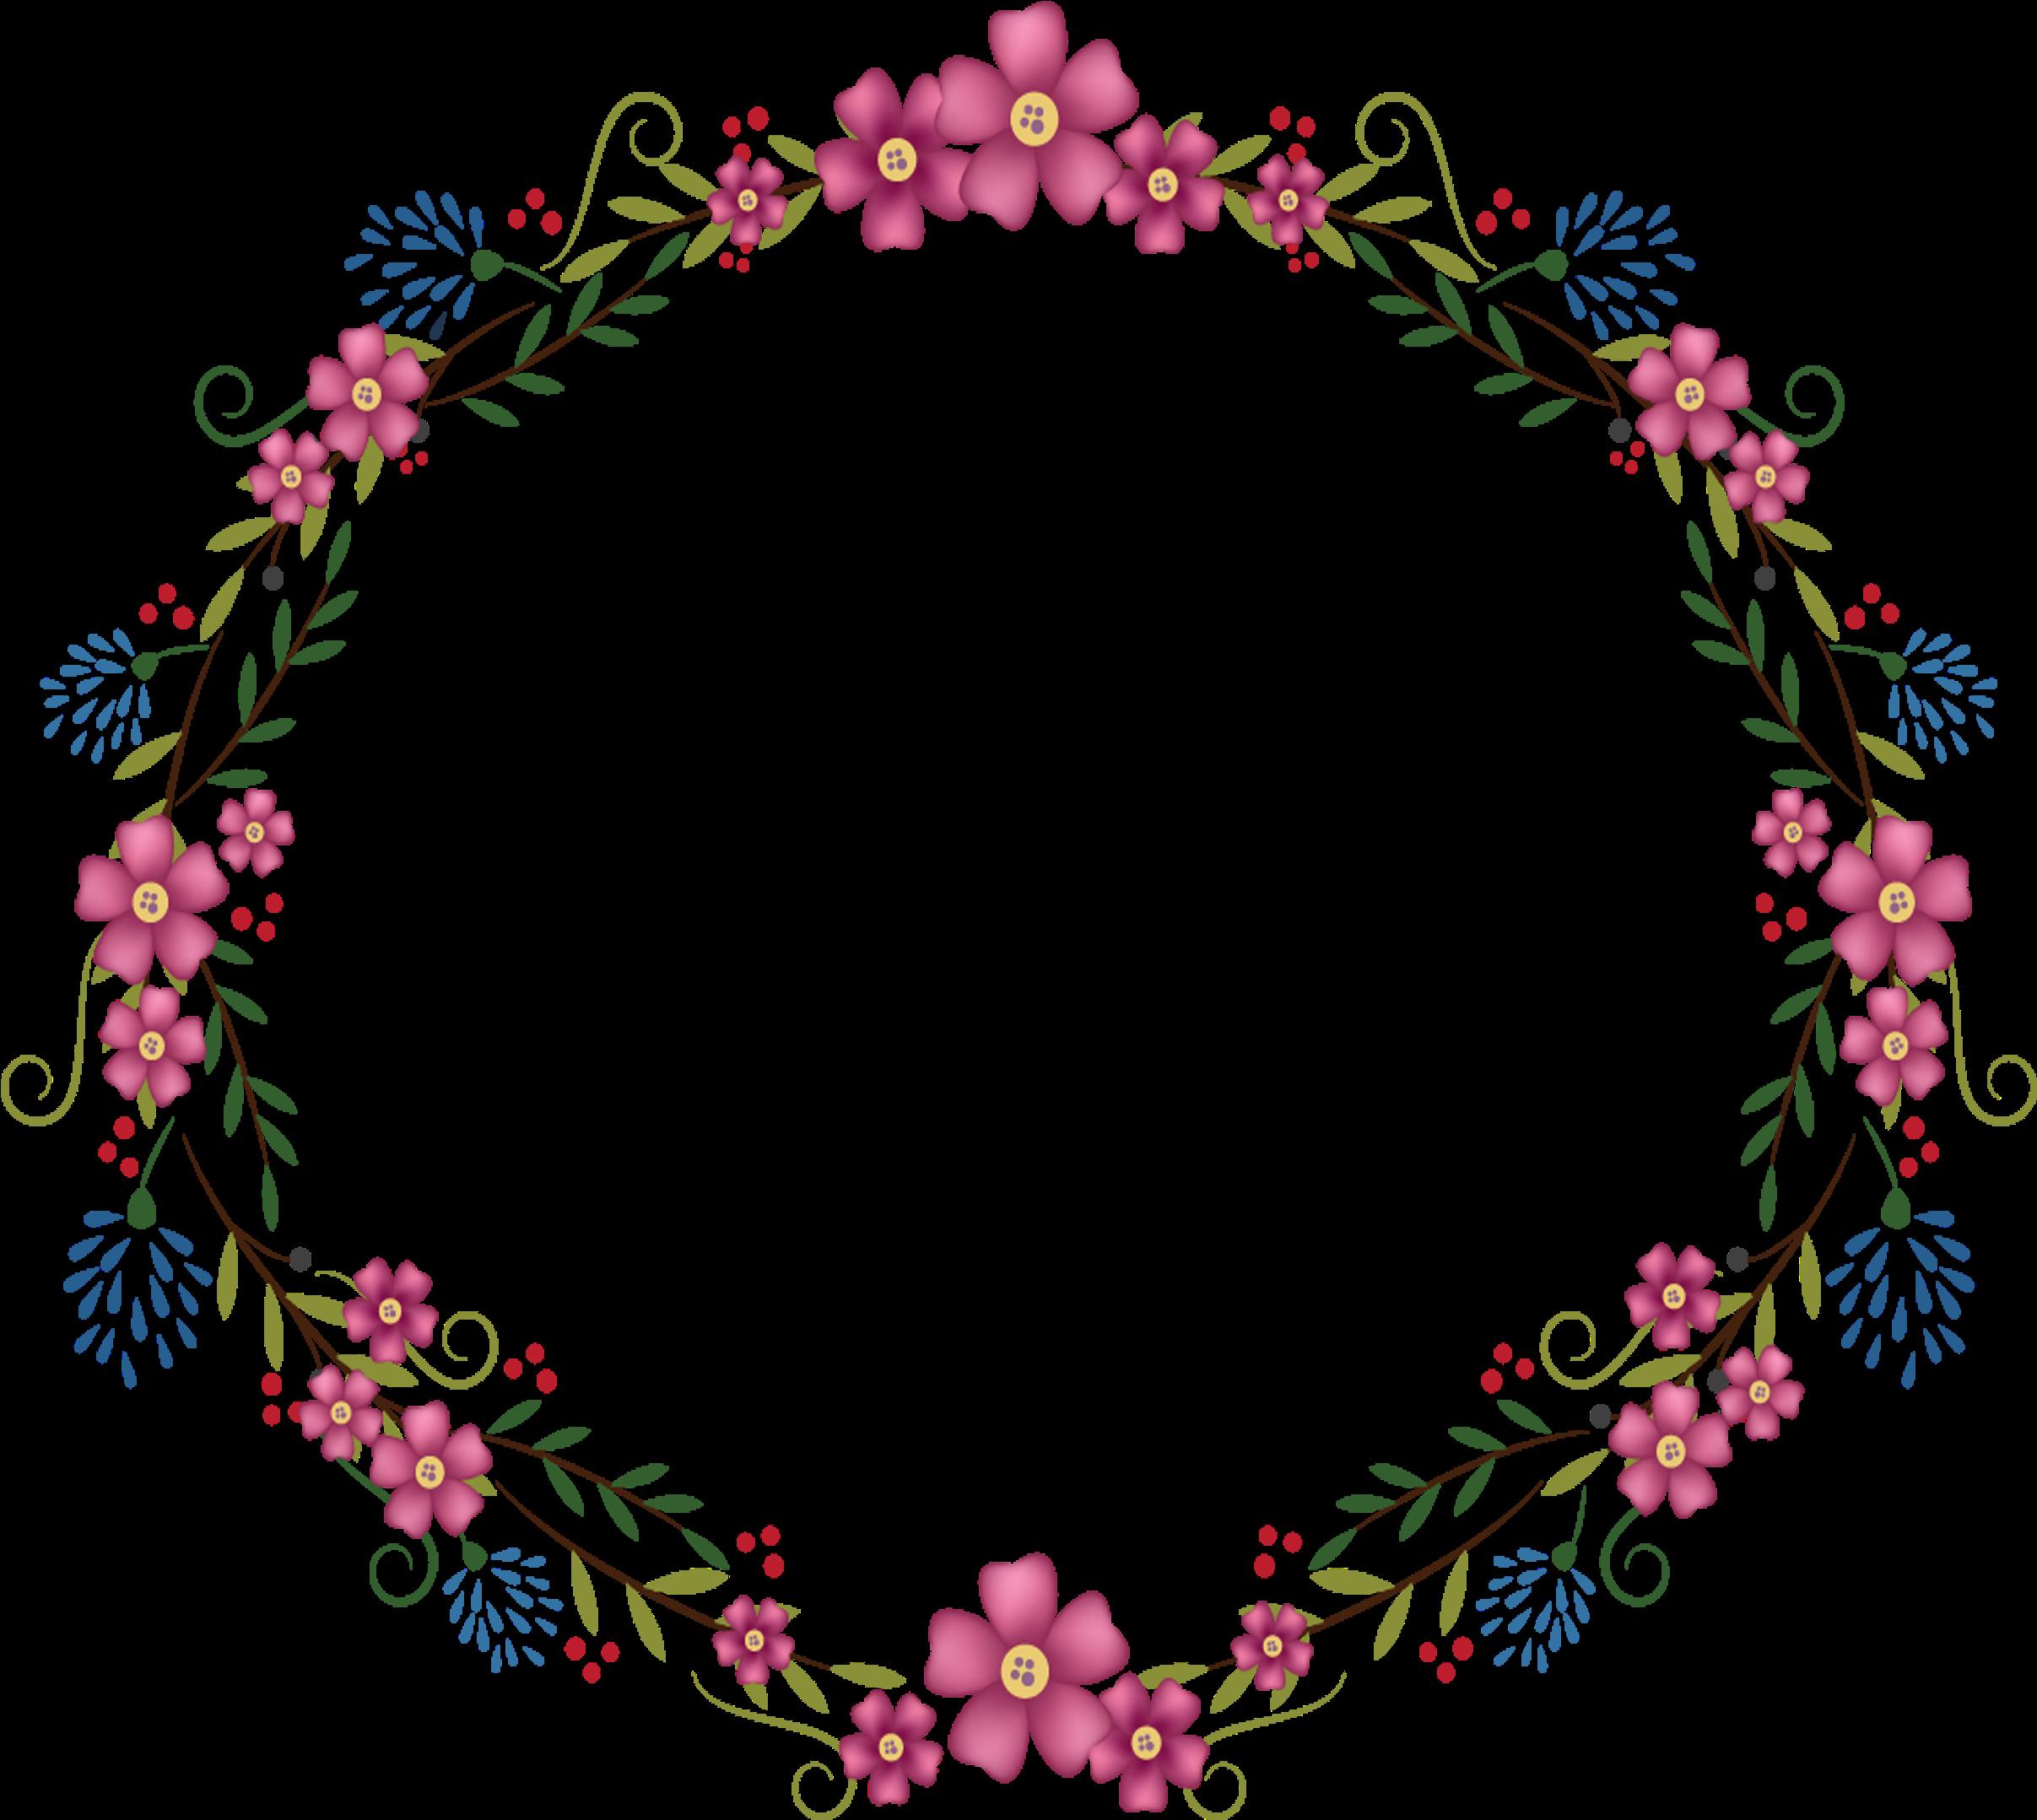 Transparent floral frame clipart - Flowers Round Frame 2835 2835 Transp Png Free Pink - Transparent Background Floral Frame